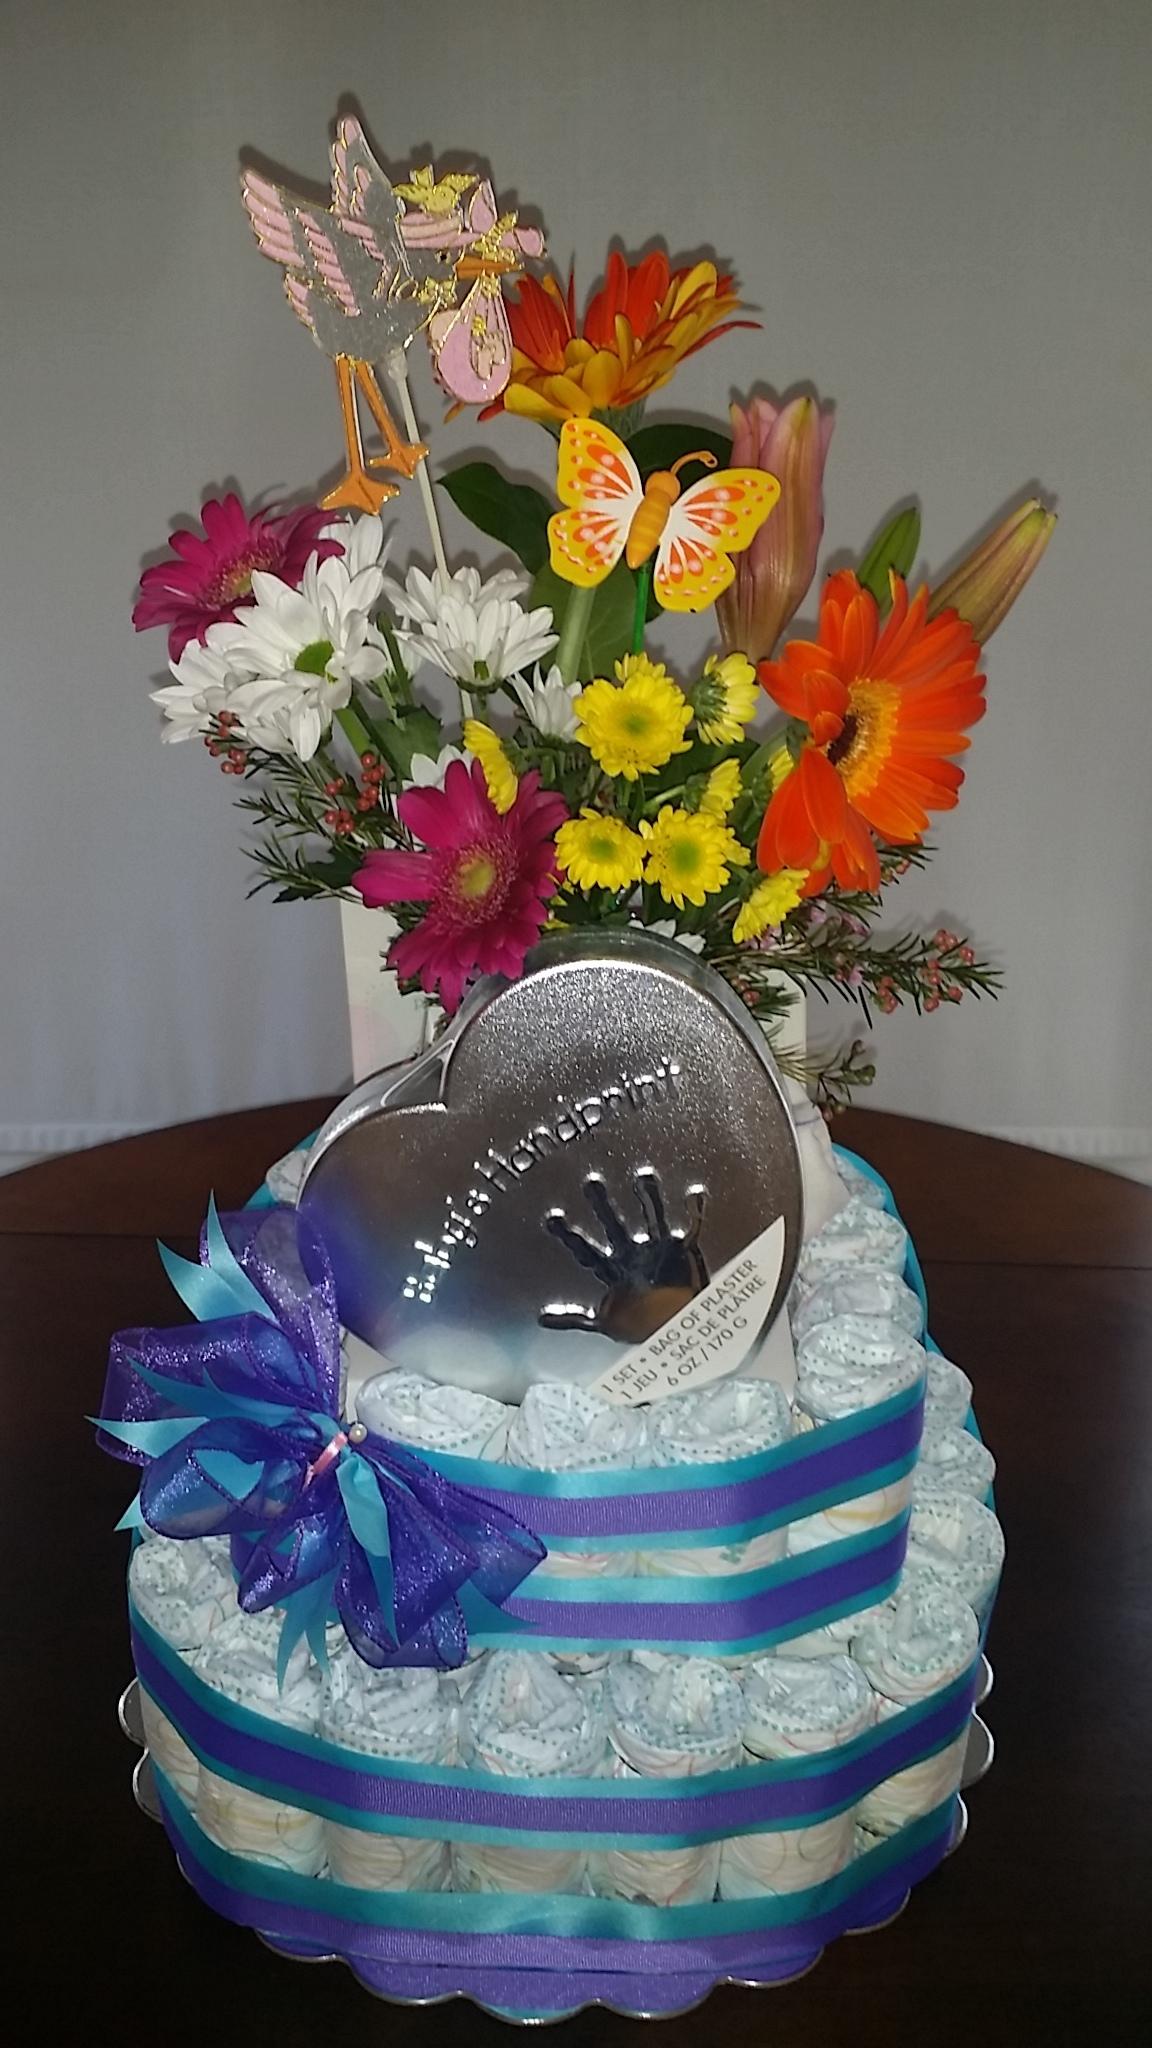 New Baby 'Diaper cake' Gift BB-0020